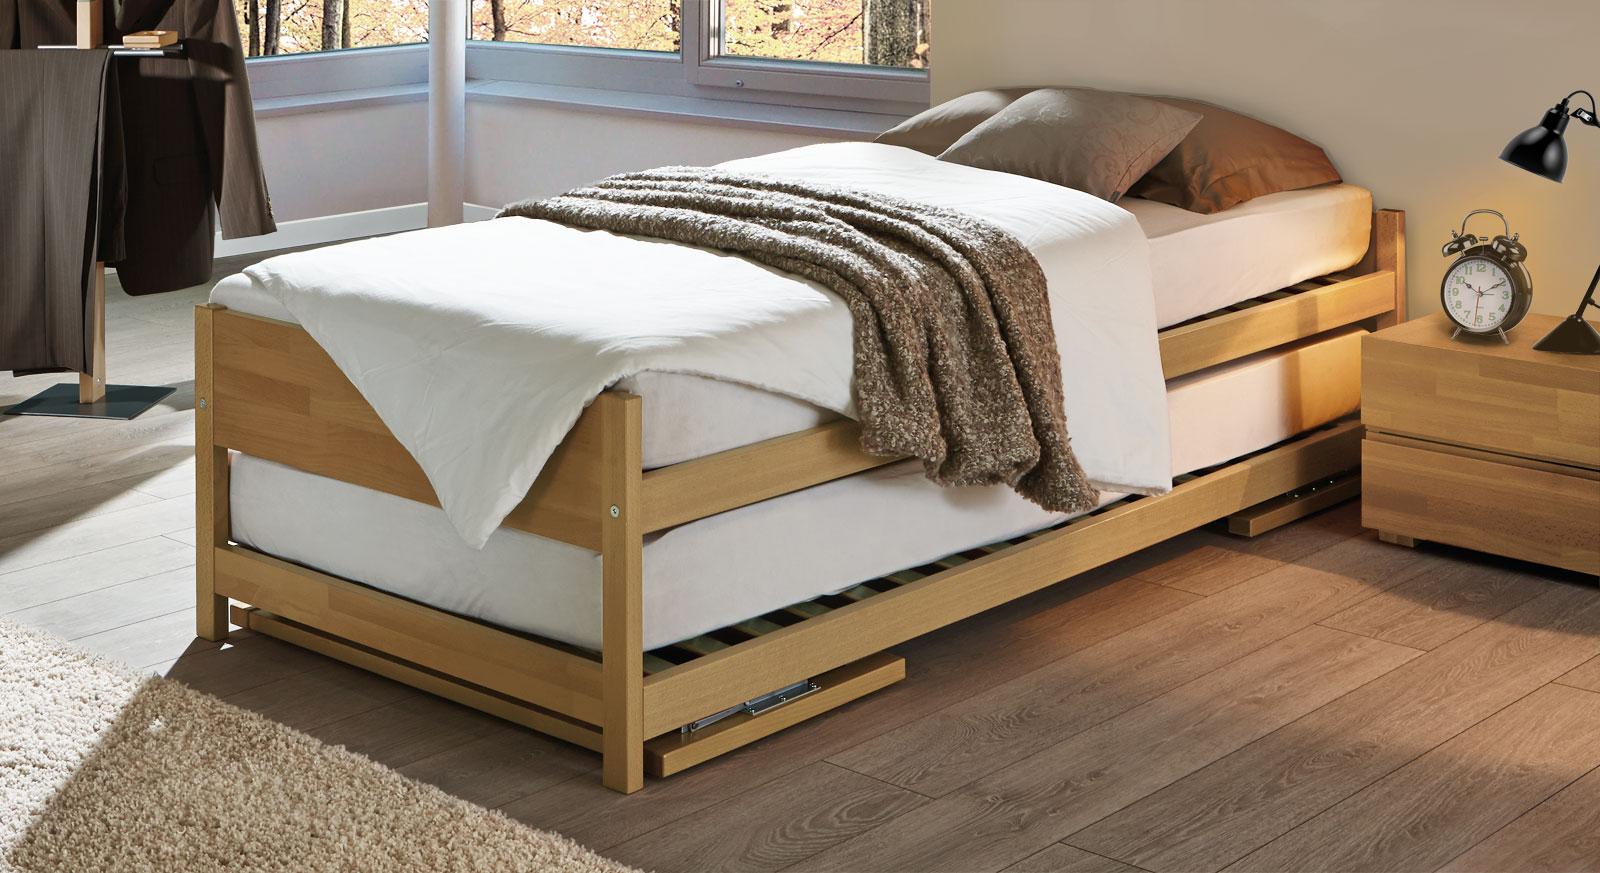 Full Size of Bett Zum Ausklappen Aufklappen Selber Bauen T4 Ikea Malm Zwei Betten Gleicher Gre Unser Ausziehbett On Top Tojo 200x200 Komforthöhe Ausziehbares Schwebendes Wohnzimmer Bett Zum Ausklappen